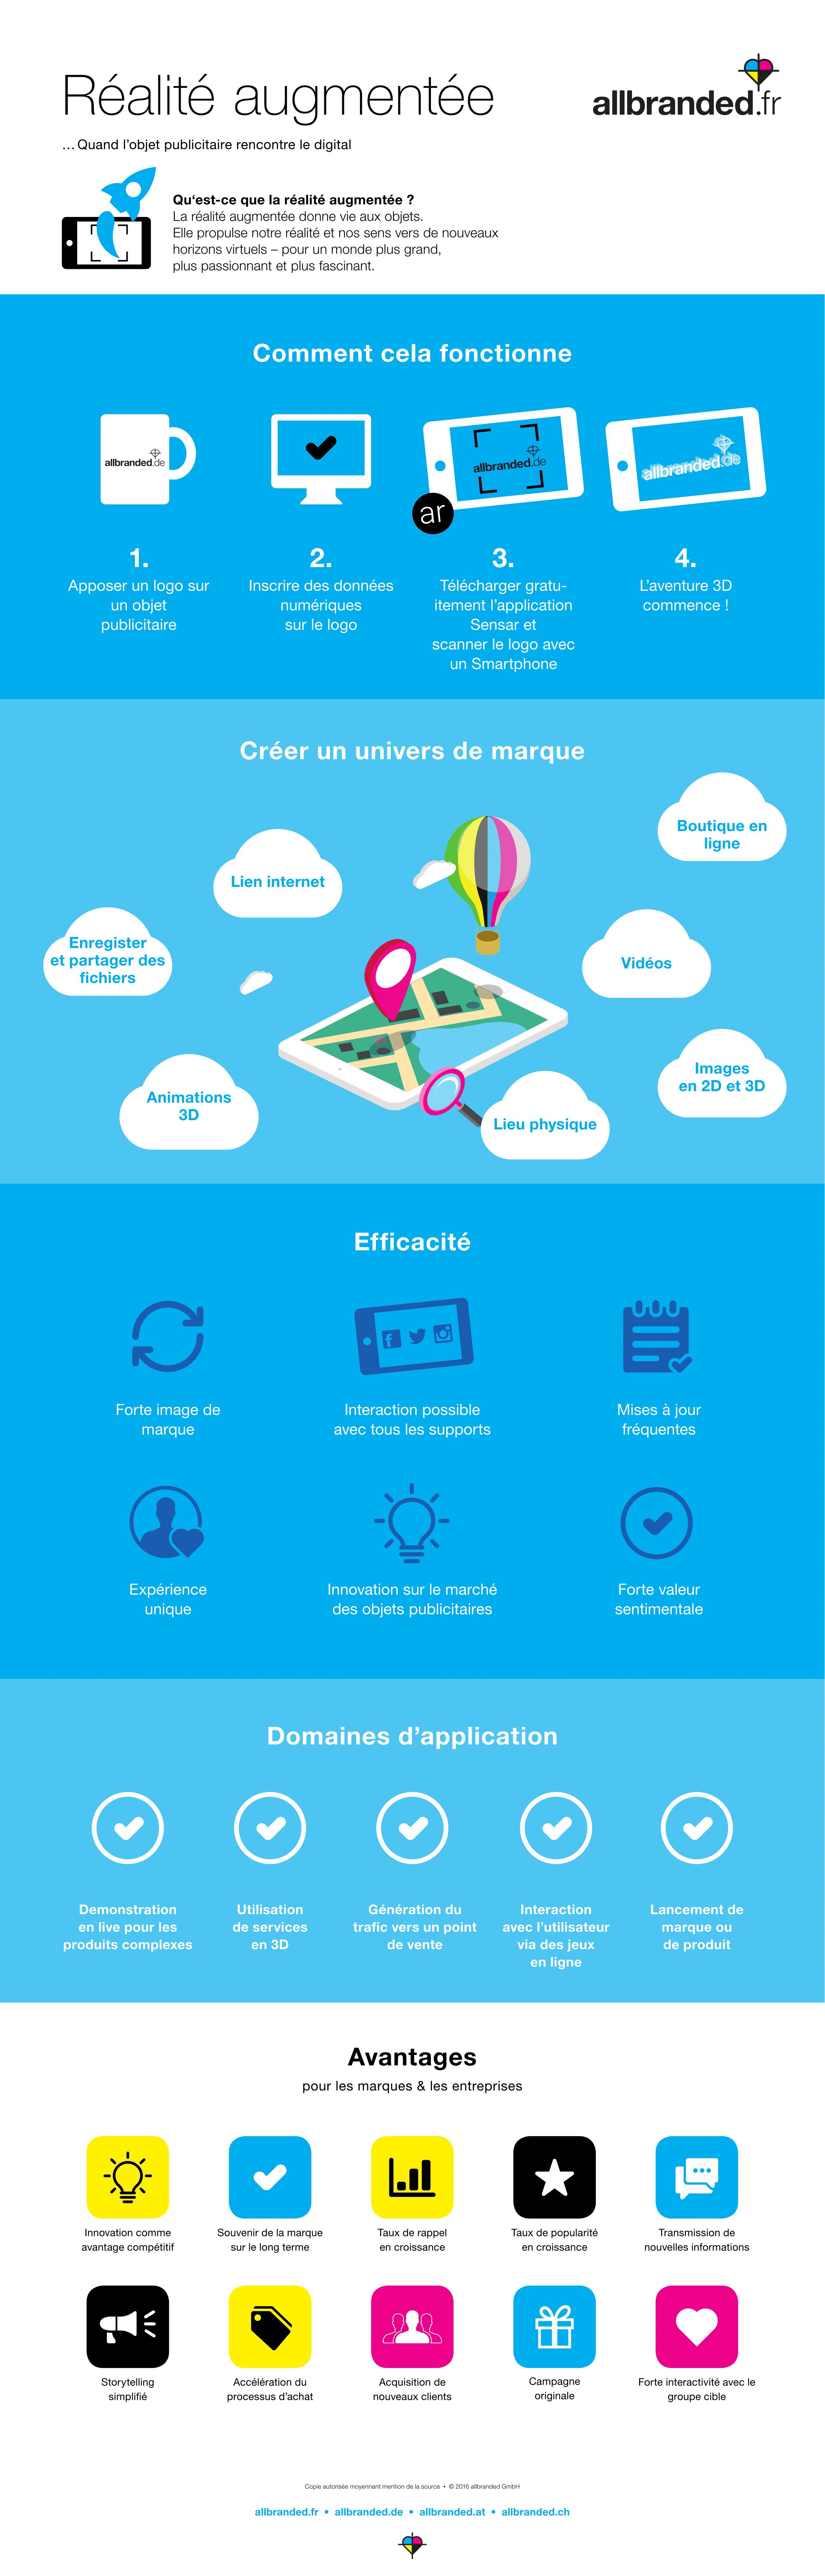 Infographie allbranded - Réalité augmentée-1